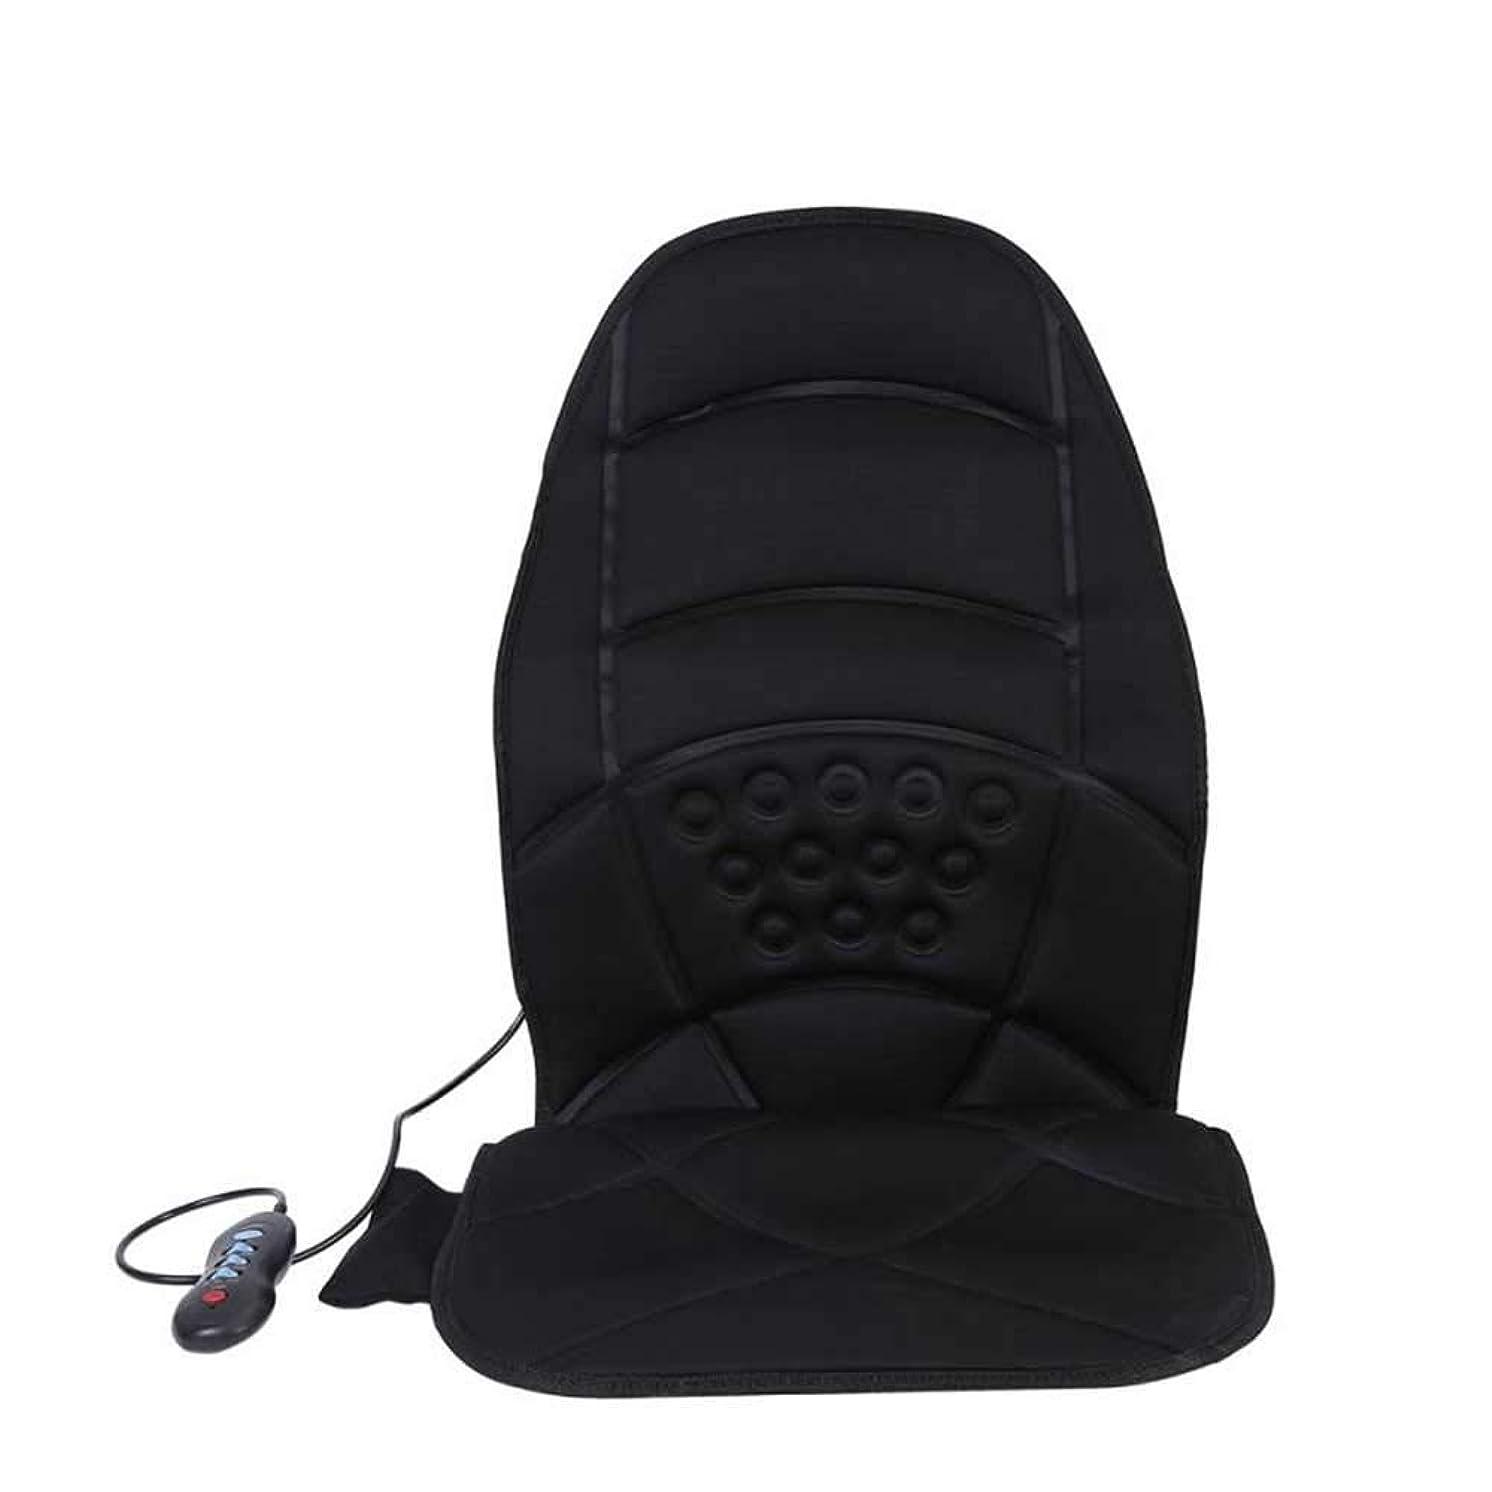 余分なカンガルー難破船加熱した電気自動車バックネック腰椎フルボディマッサージチェアシートクッションパッドウエストの痛みを軽減するシートパッドマッサージマットをリラックス